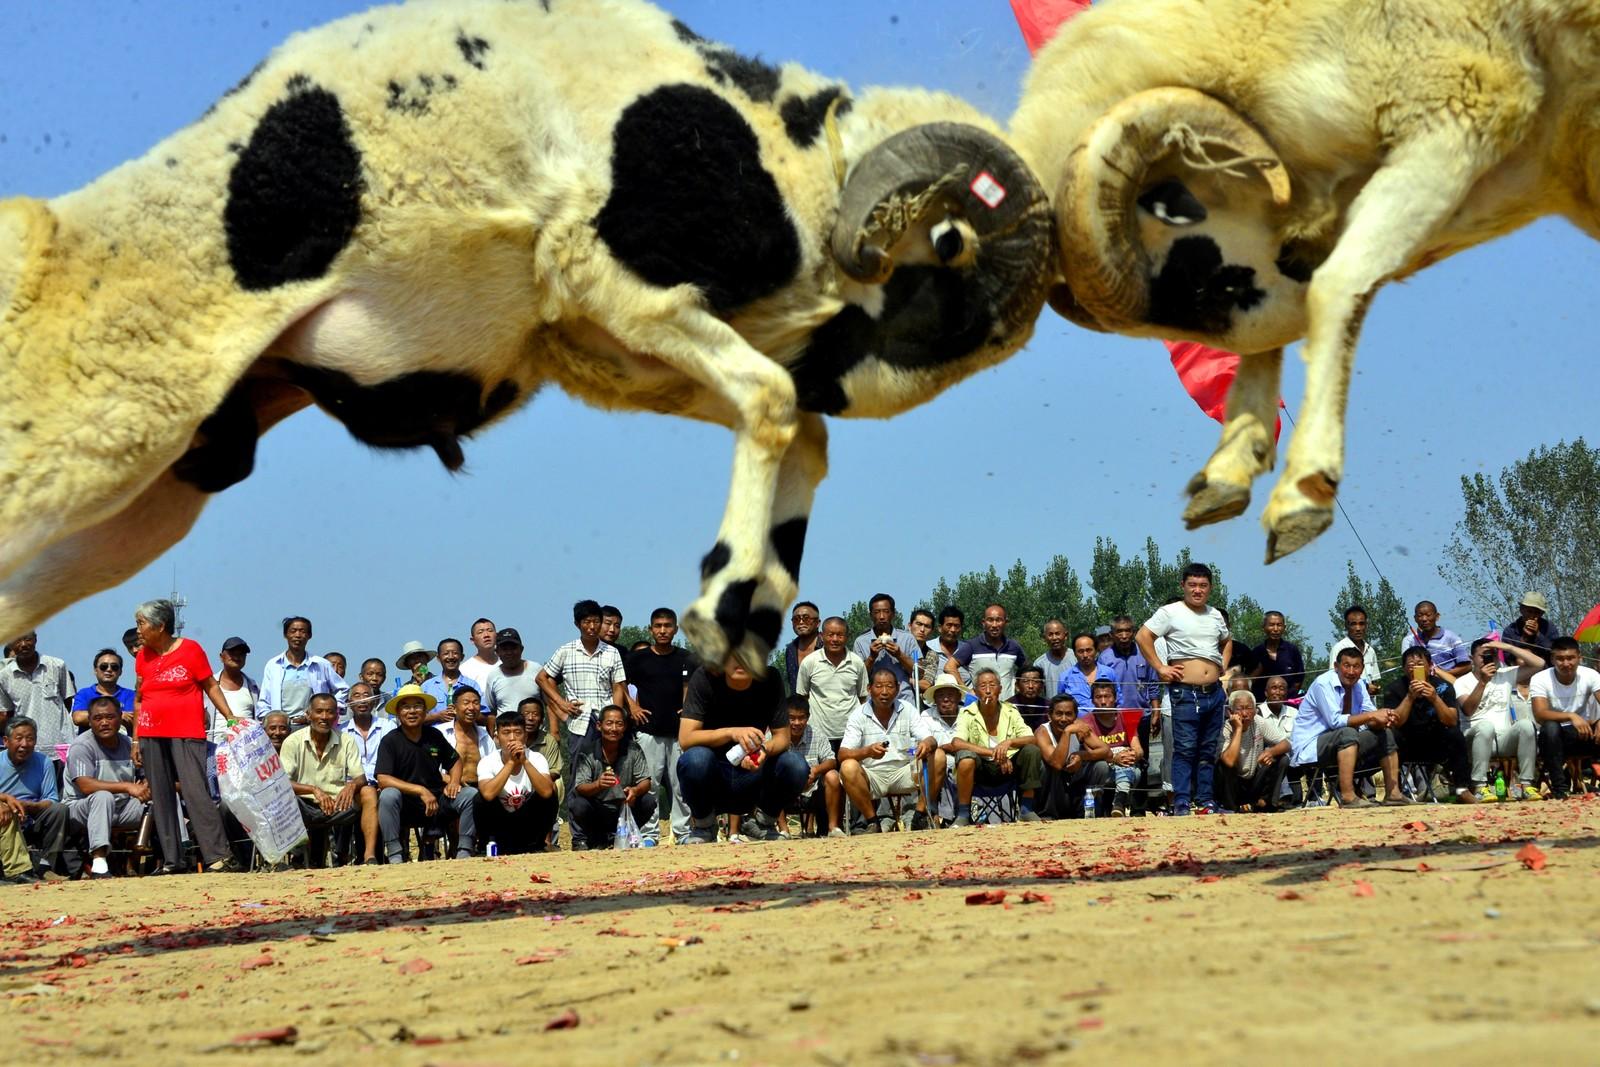 Folk ser på sauekamp på et arrangement i Liaocheng i Kina.